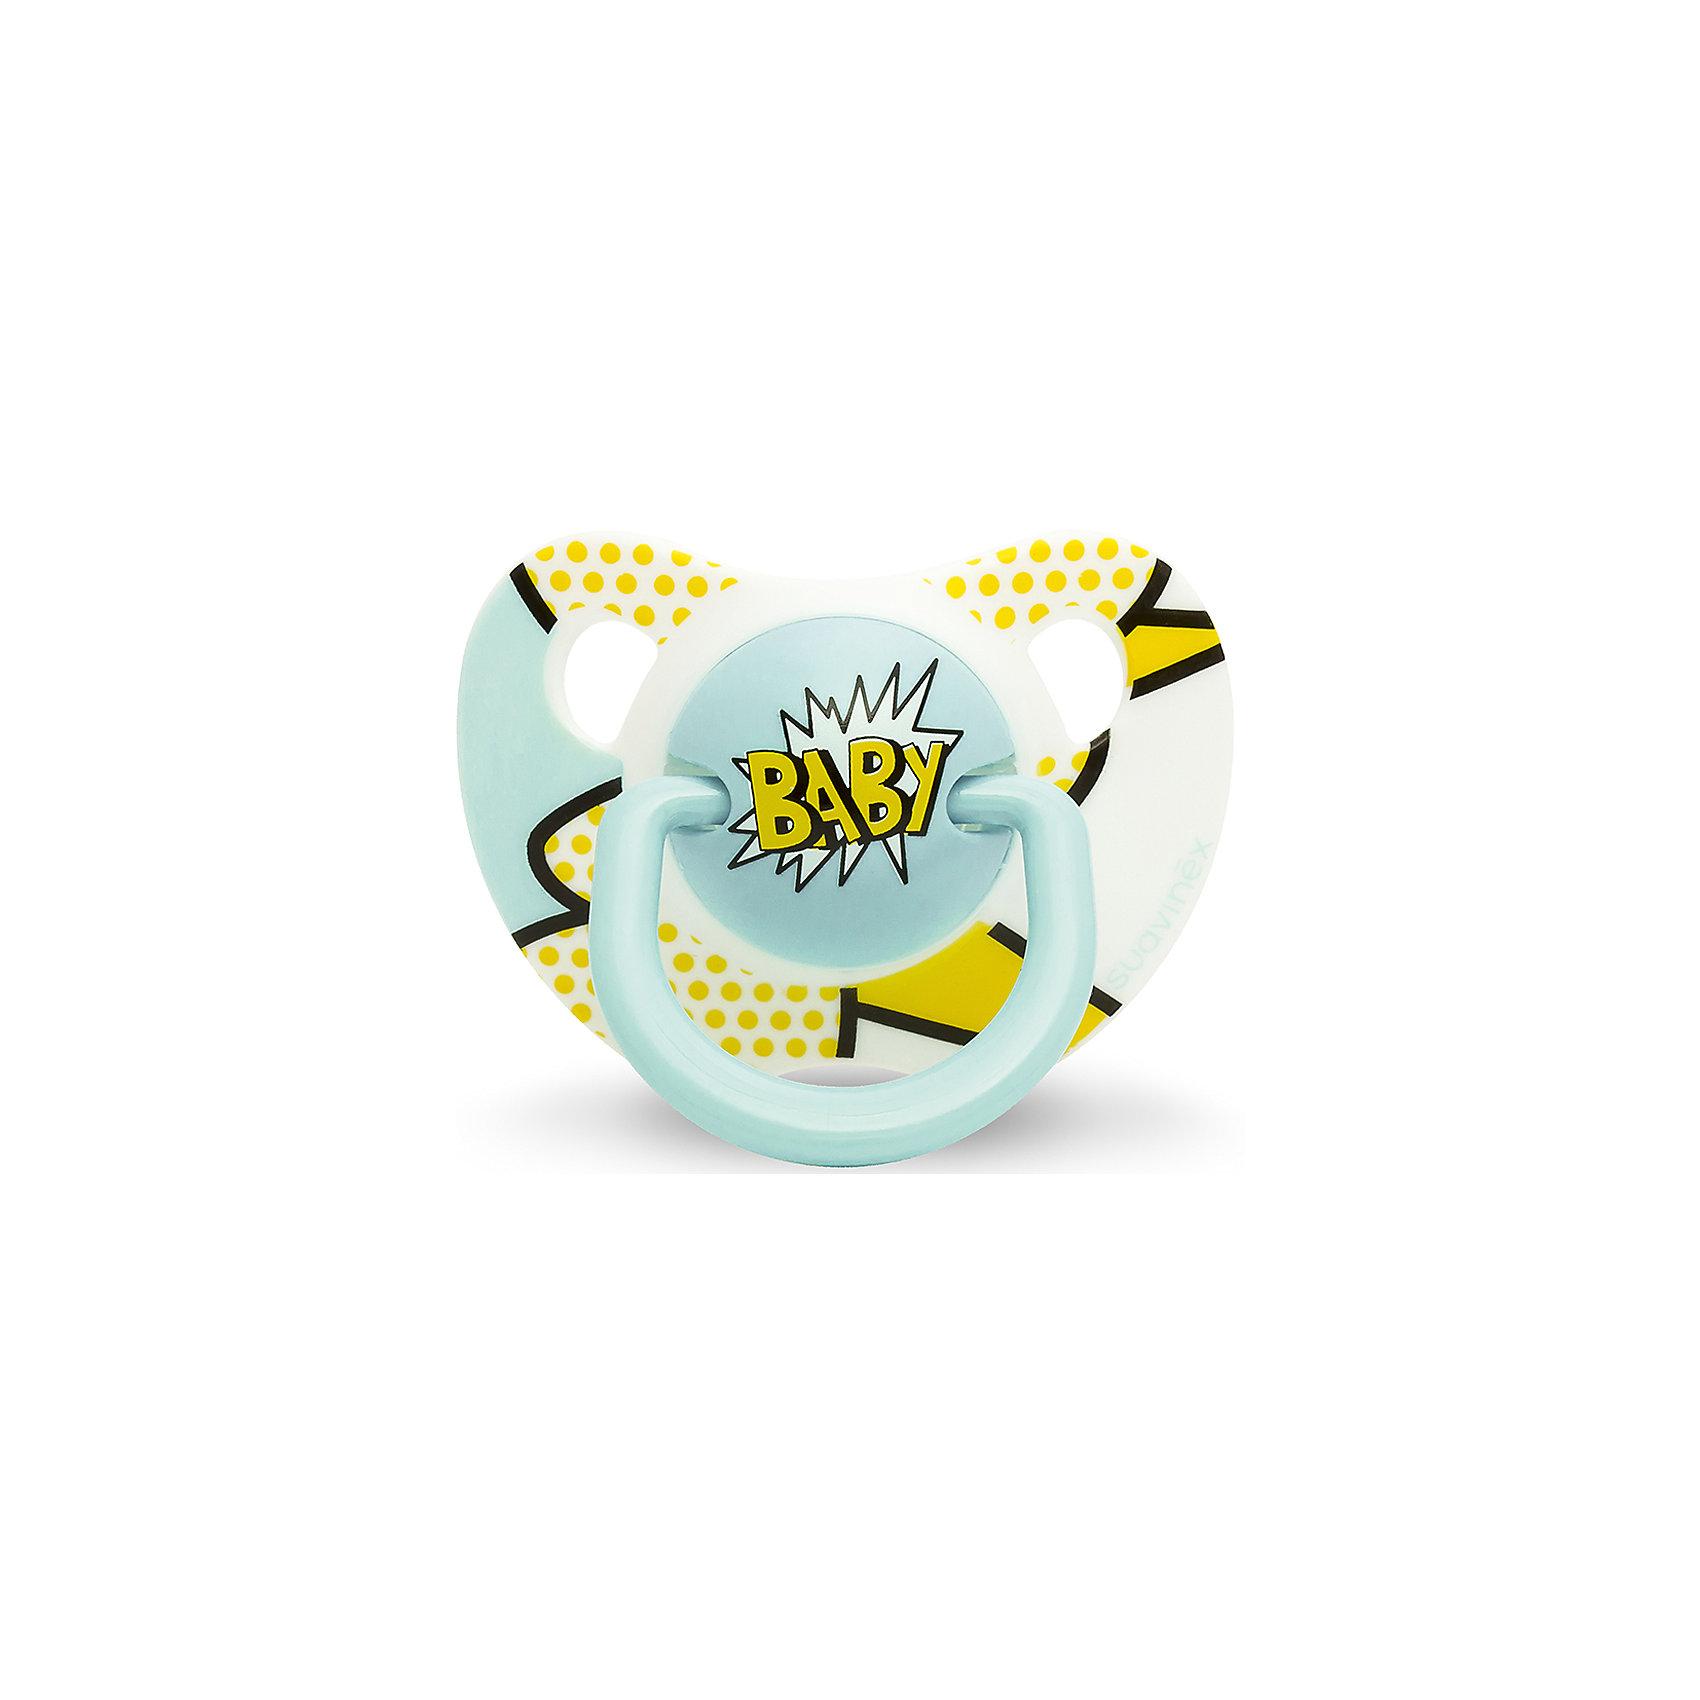 Пустышка силиконовая  BABY Baby Art, 6-18 мес., Suavinex, желто/голубой